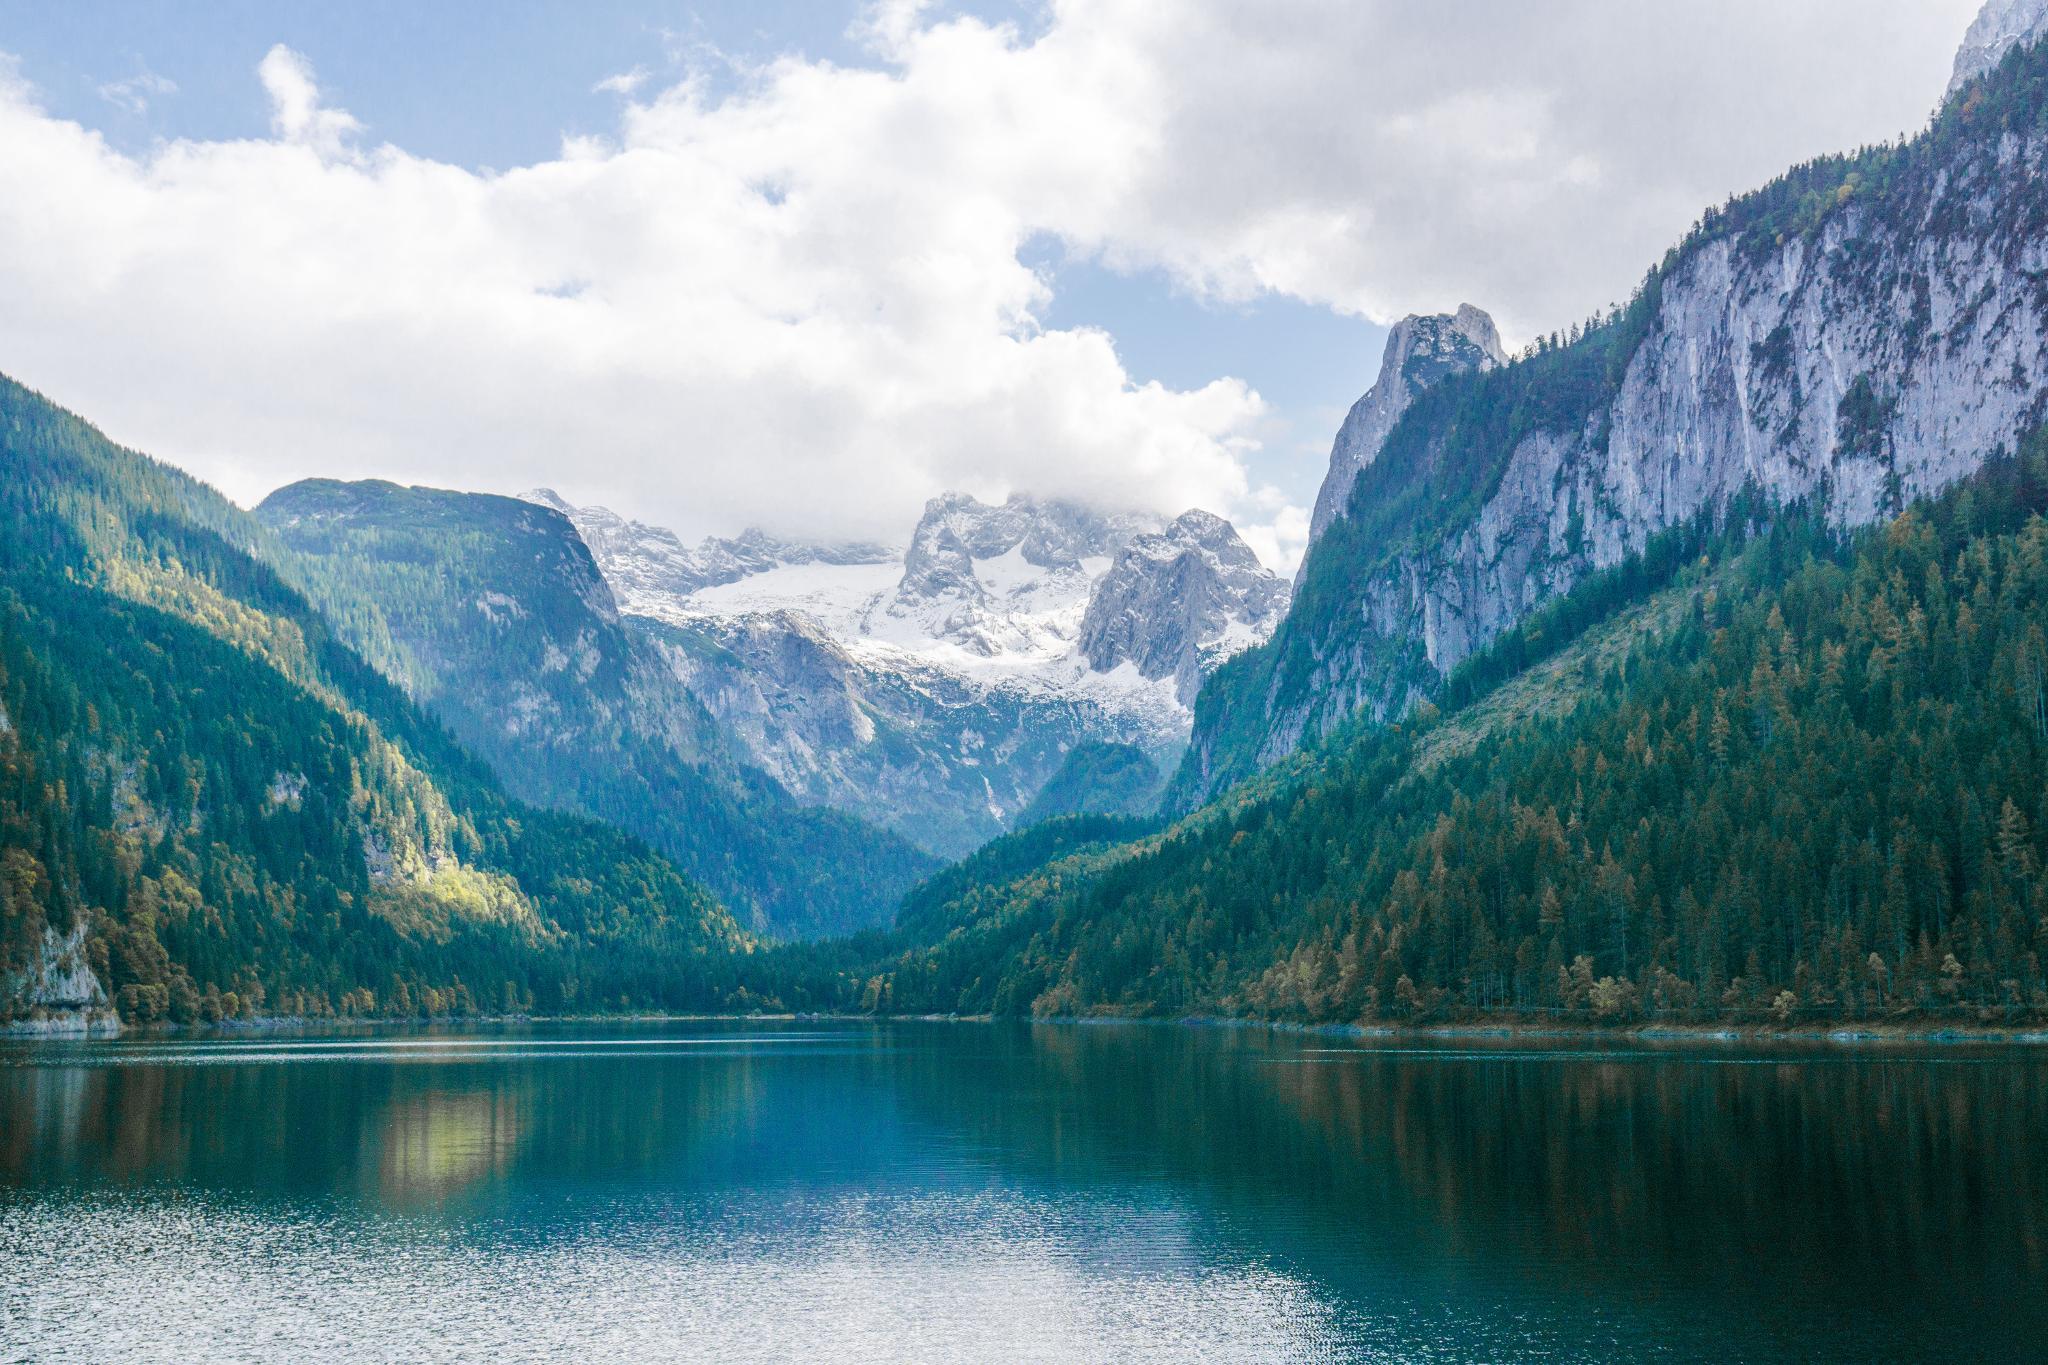 【奧地利】遠離塵囂!哈修塔特周邊的絕美湖泊 — 高薩湖 Gosausee 湖濱散記 1